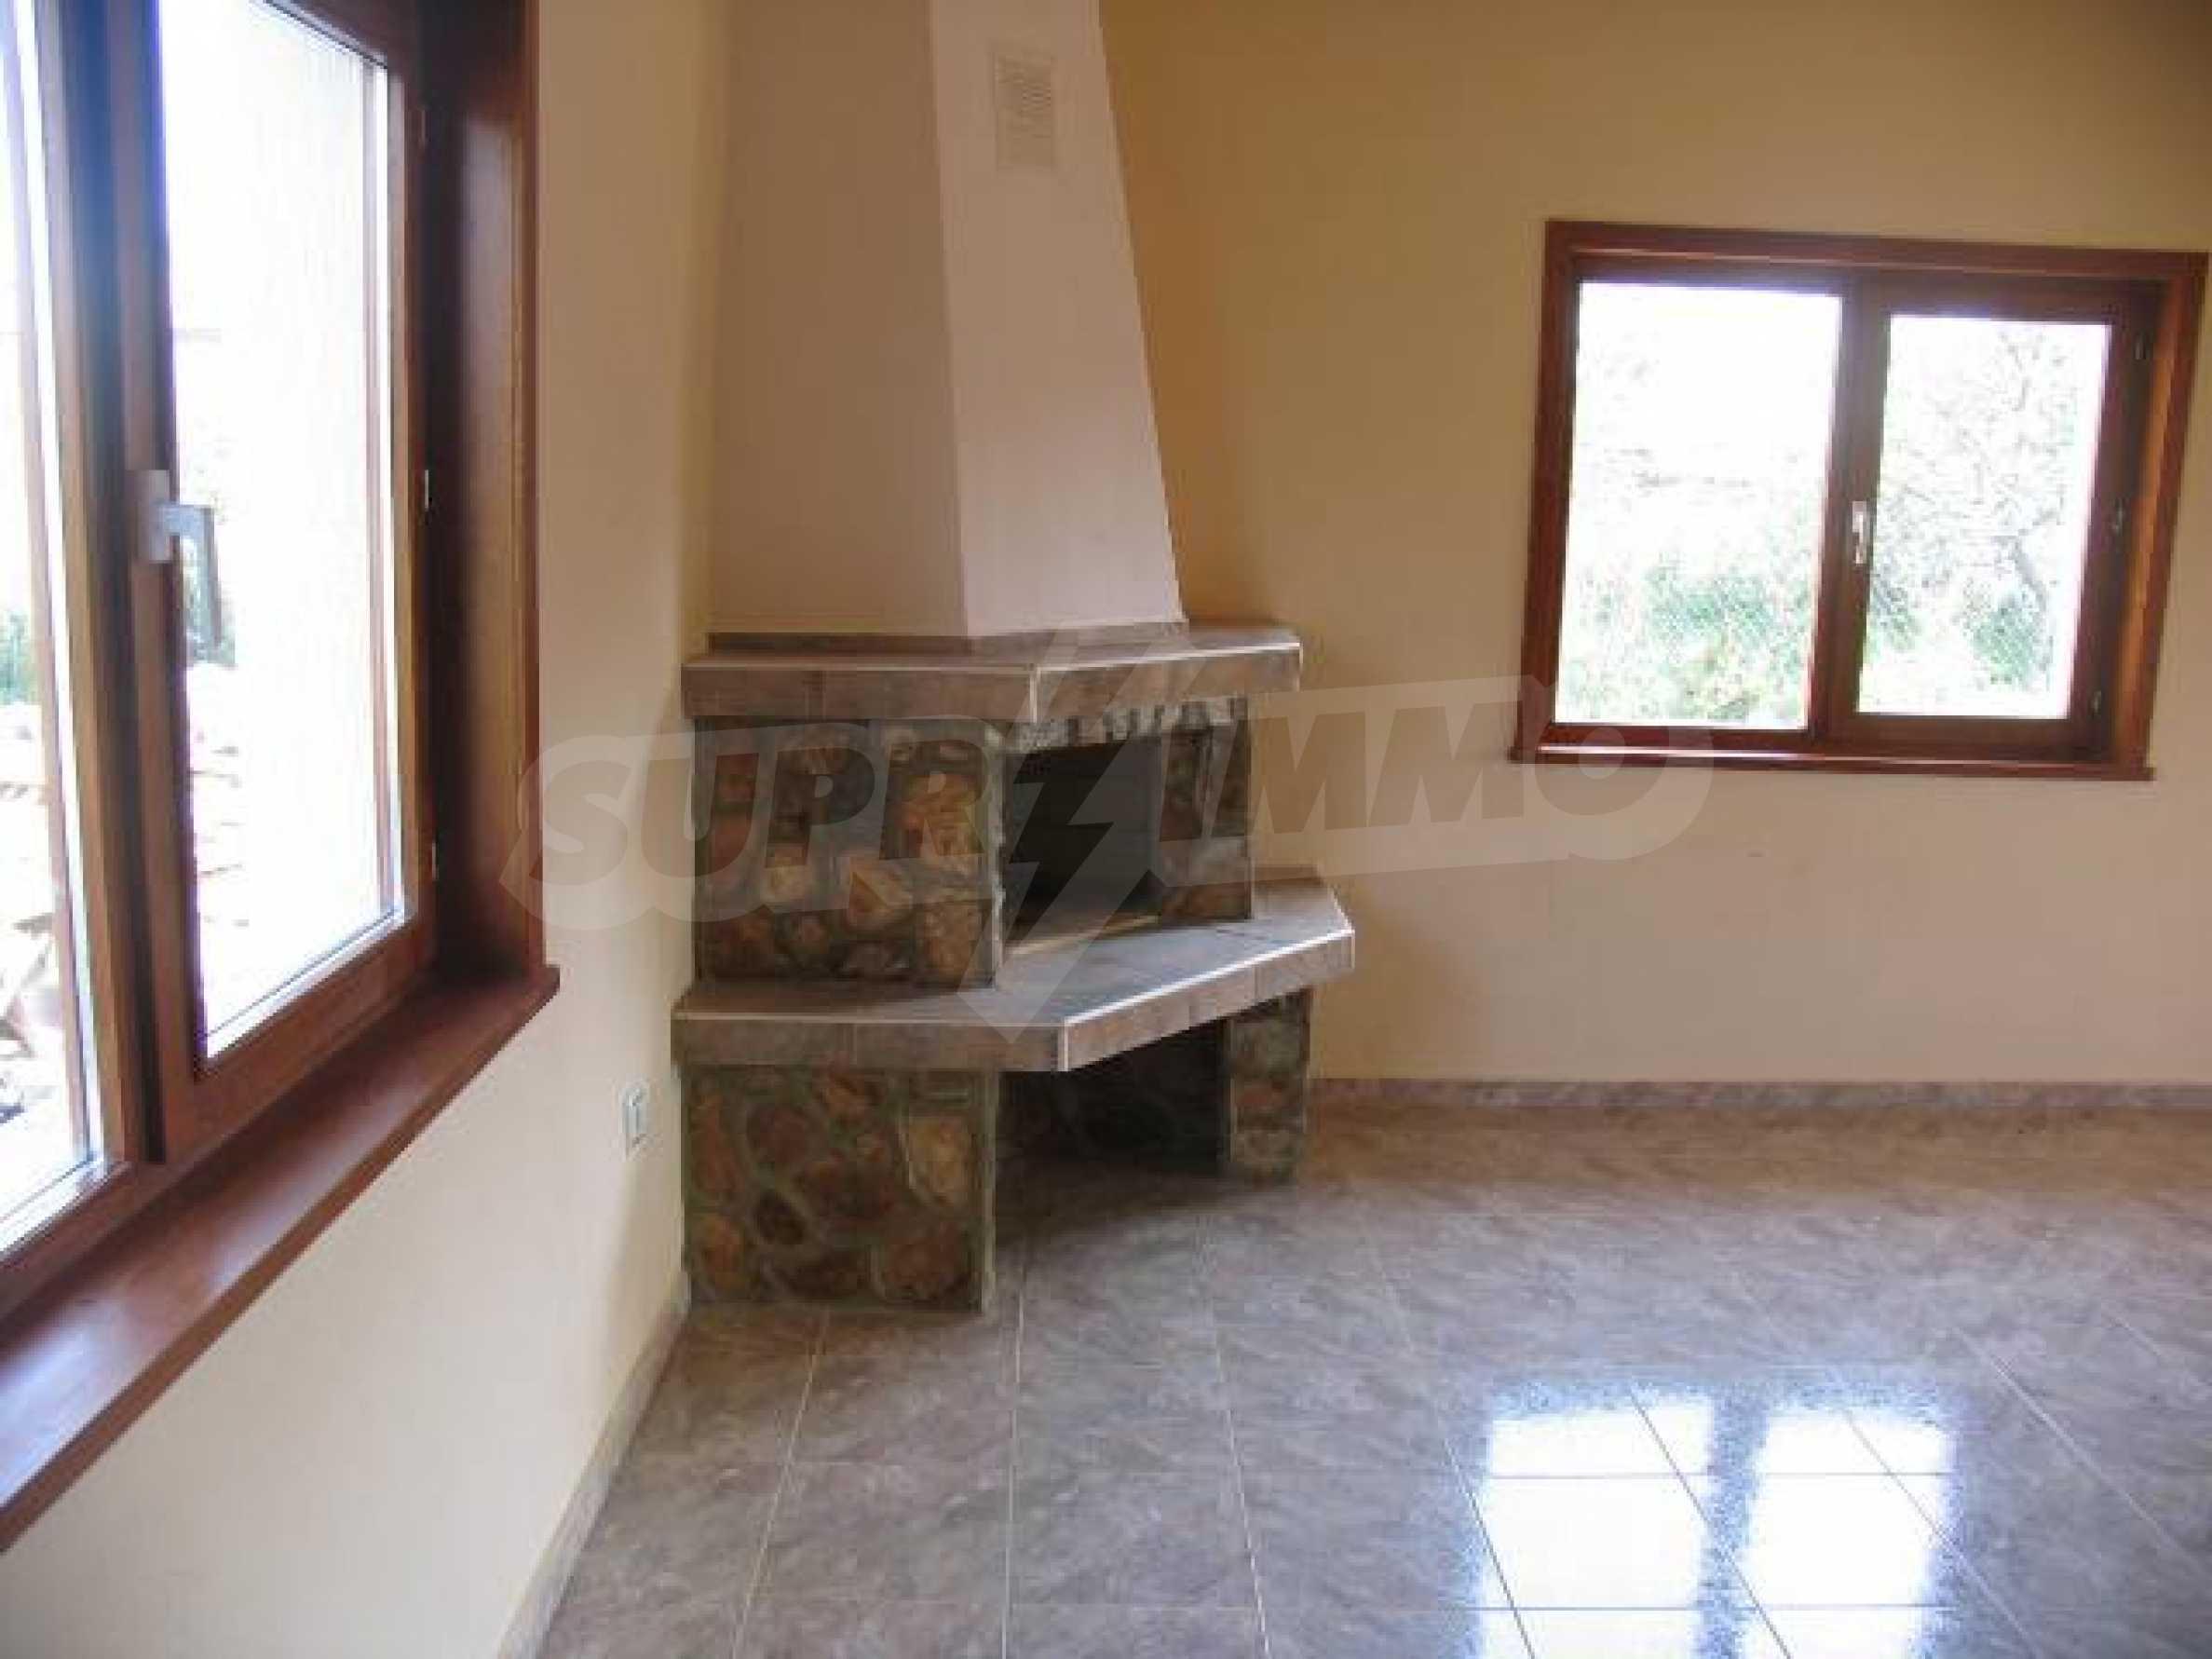 Два дома для продажи в Stefanovo деревне 25 км. от Албена 12